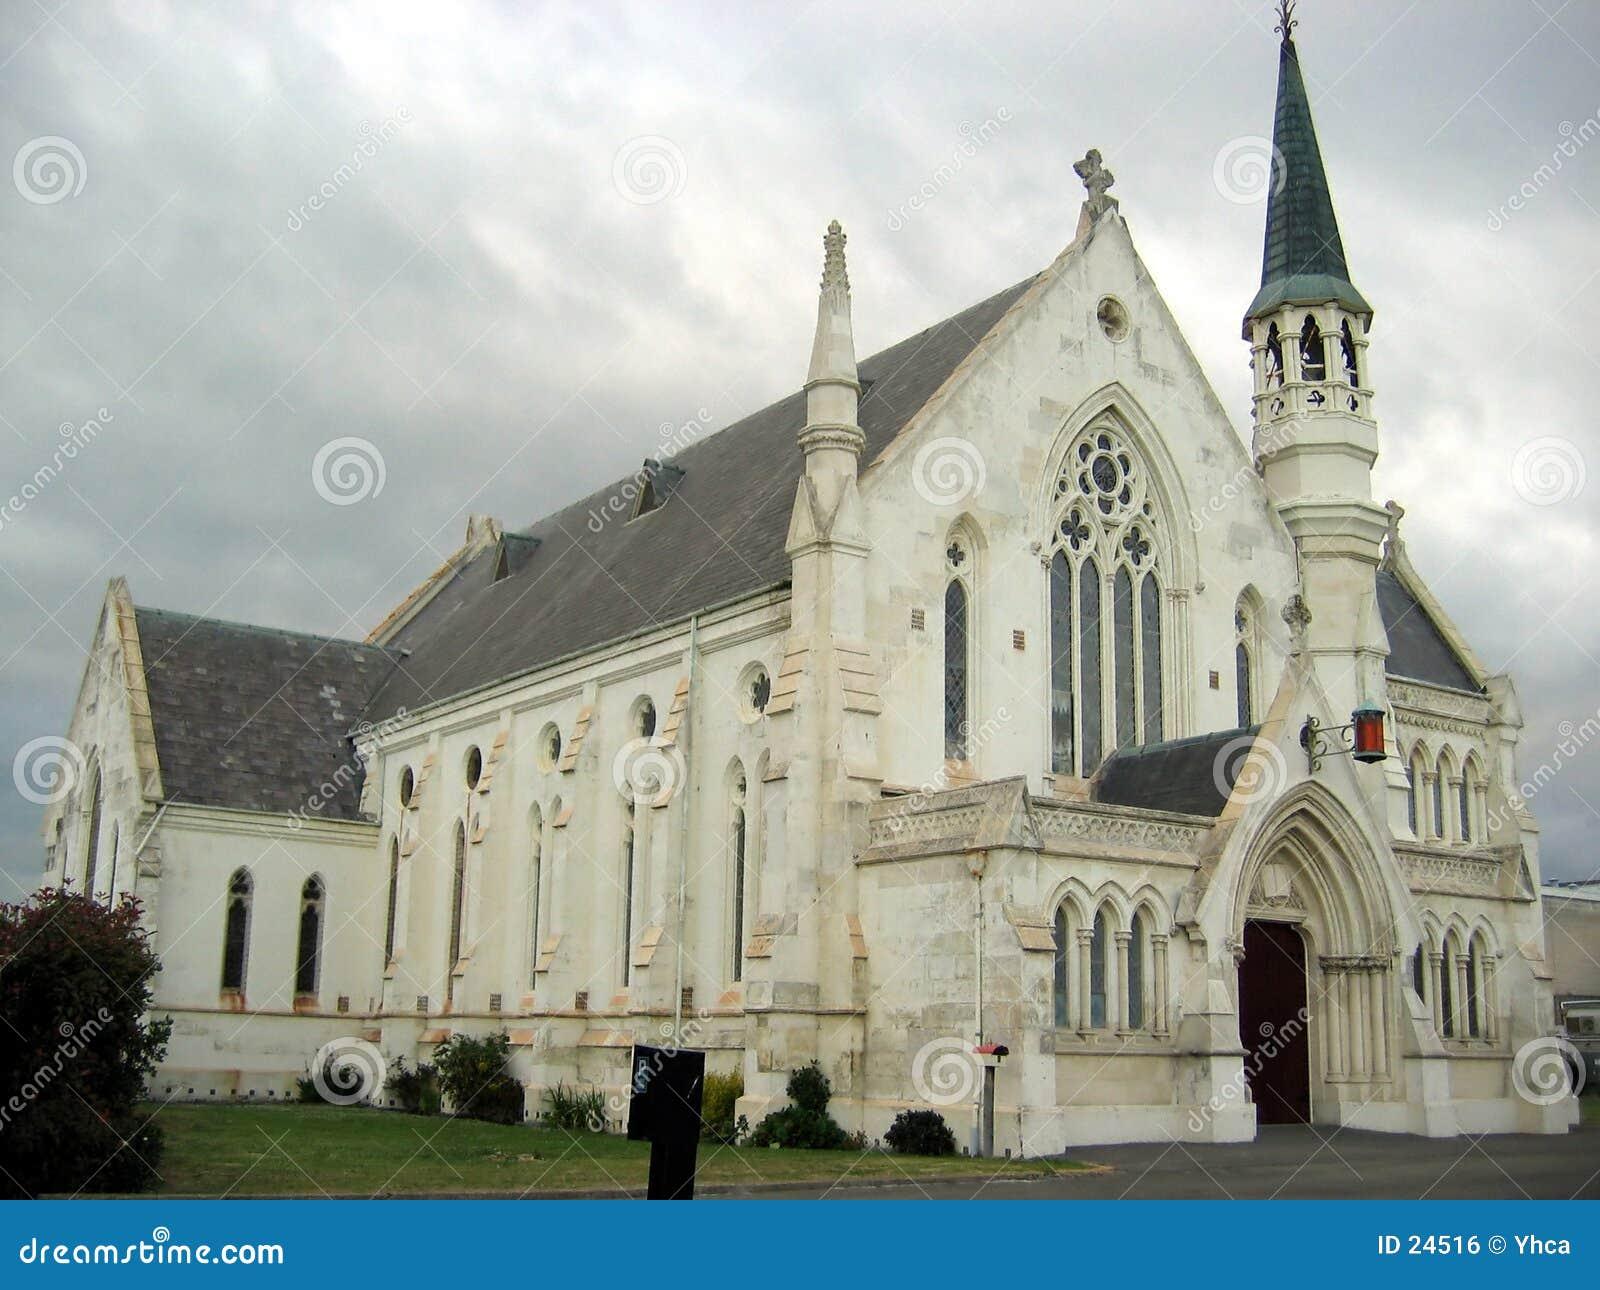 Kirchekathedralegebäude